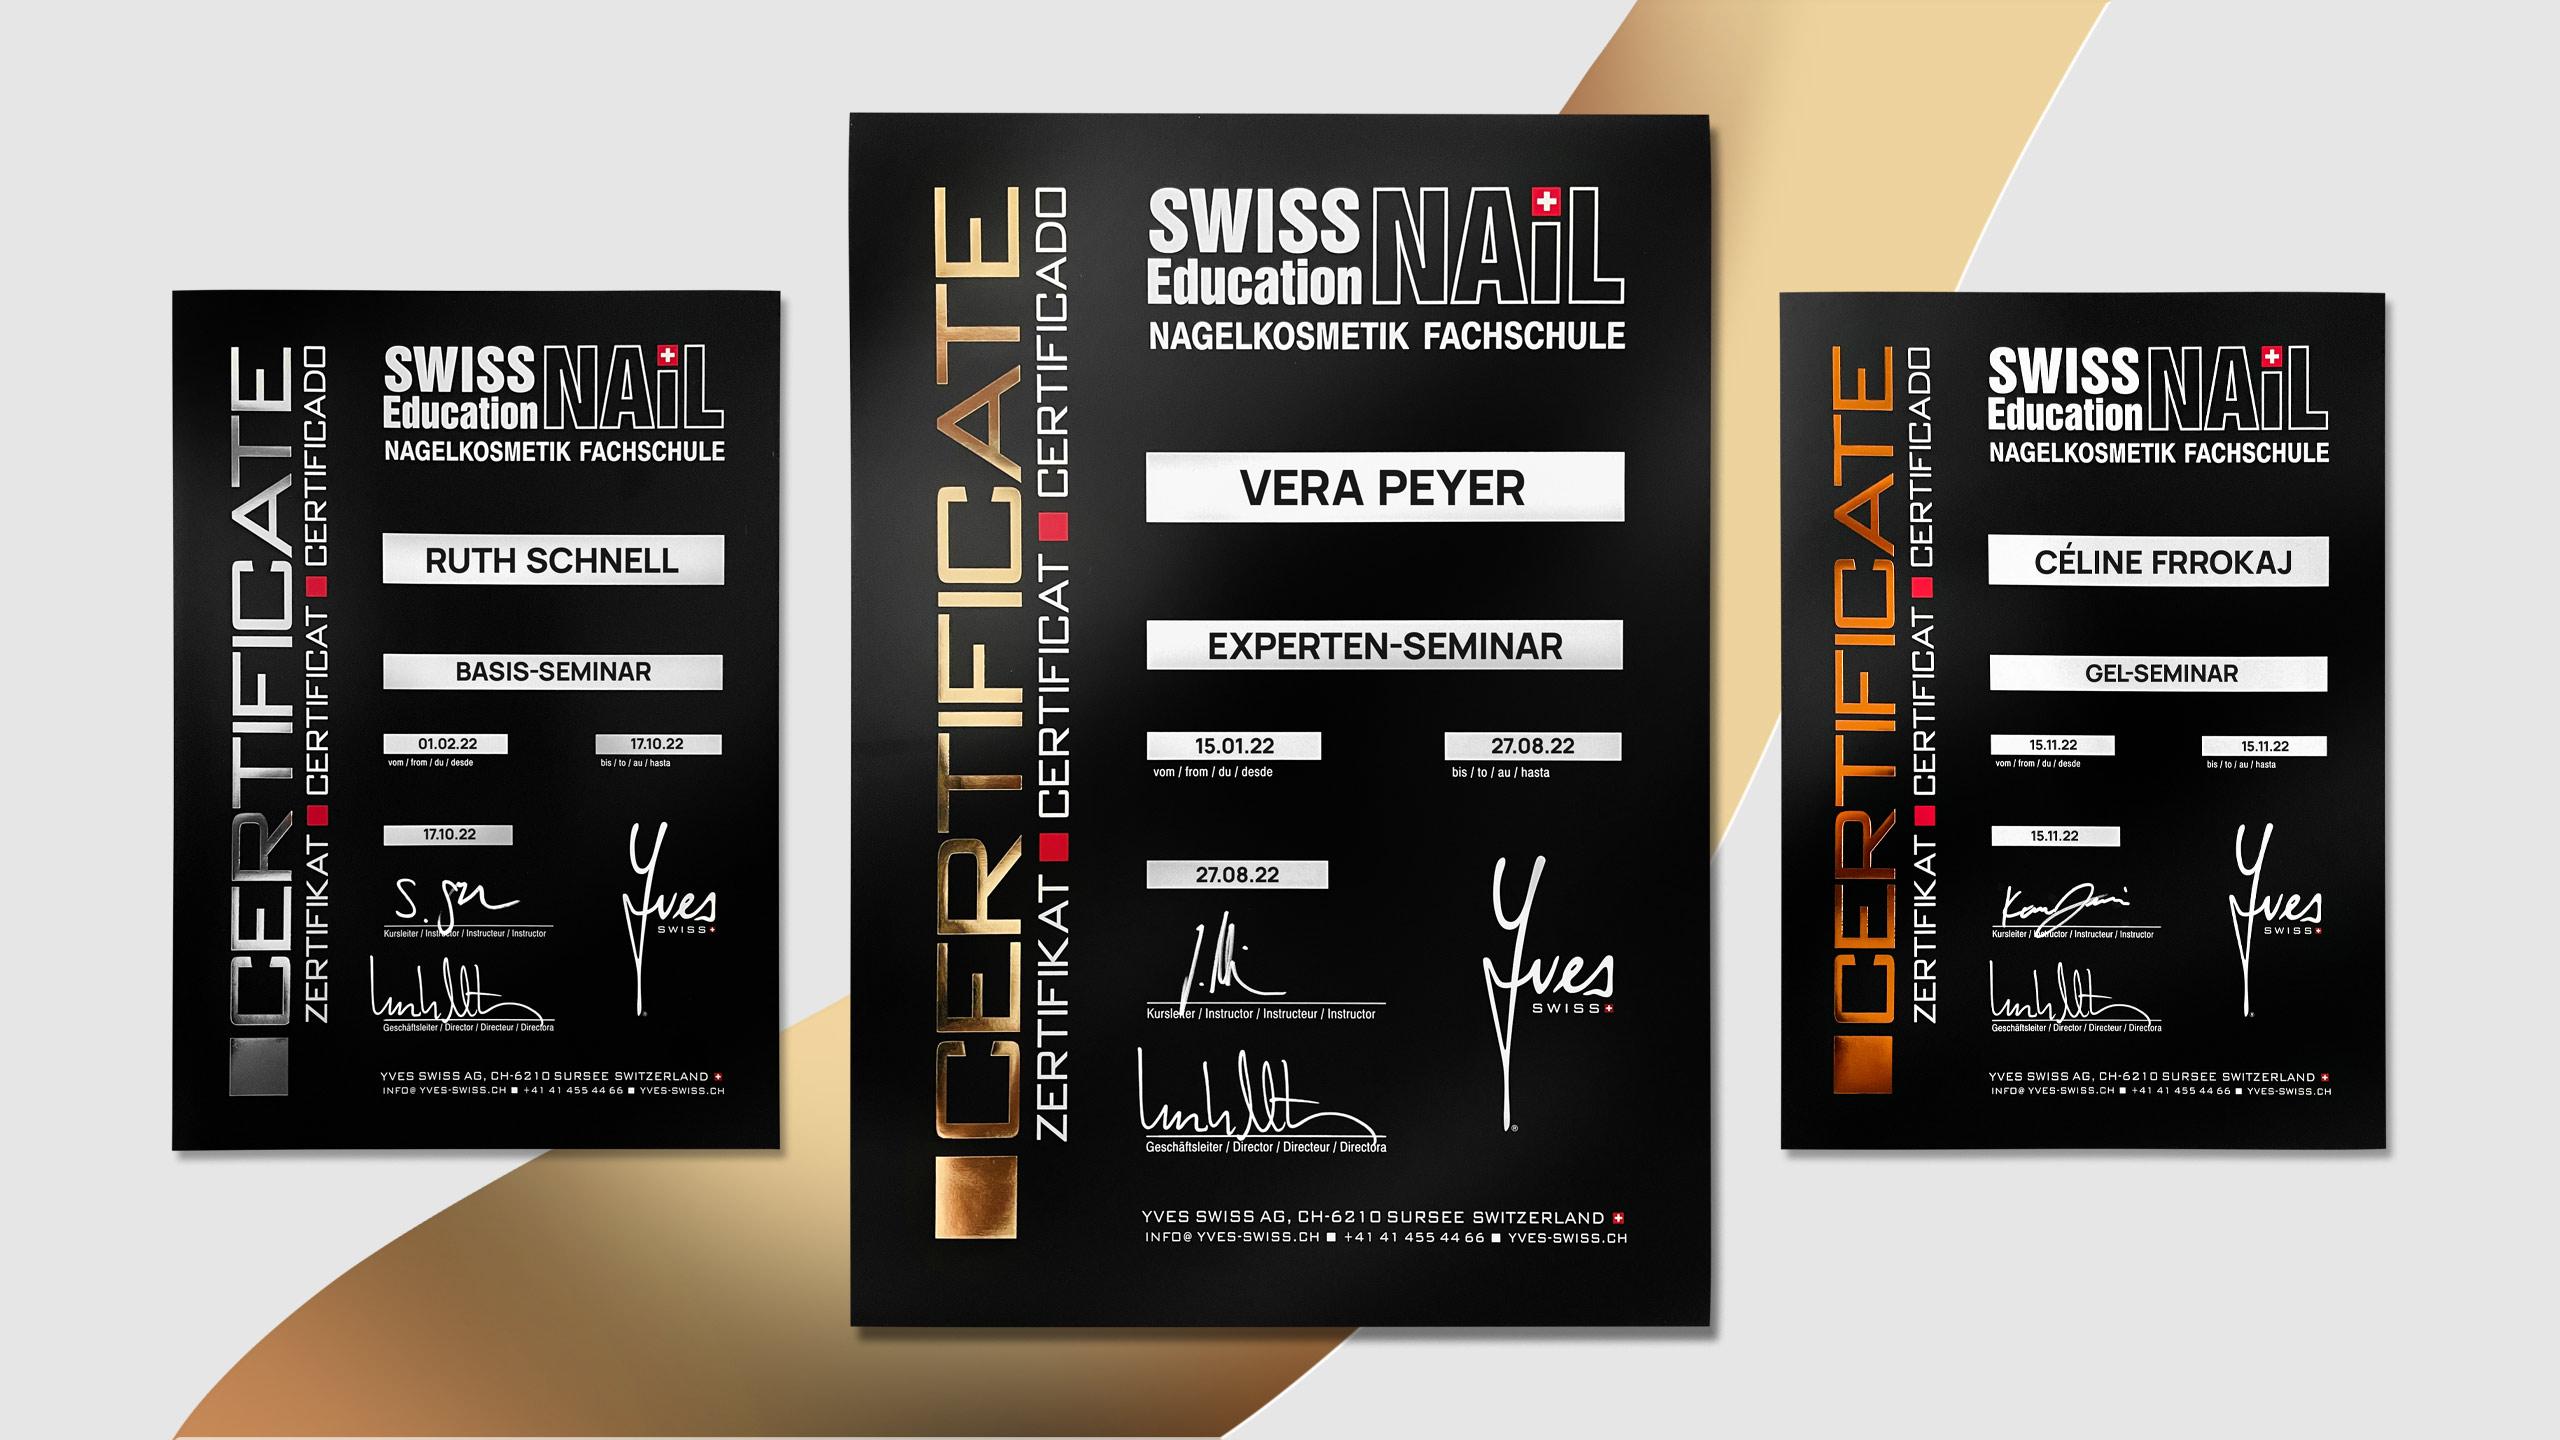 Yves Swiss AG | Zertifikate